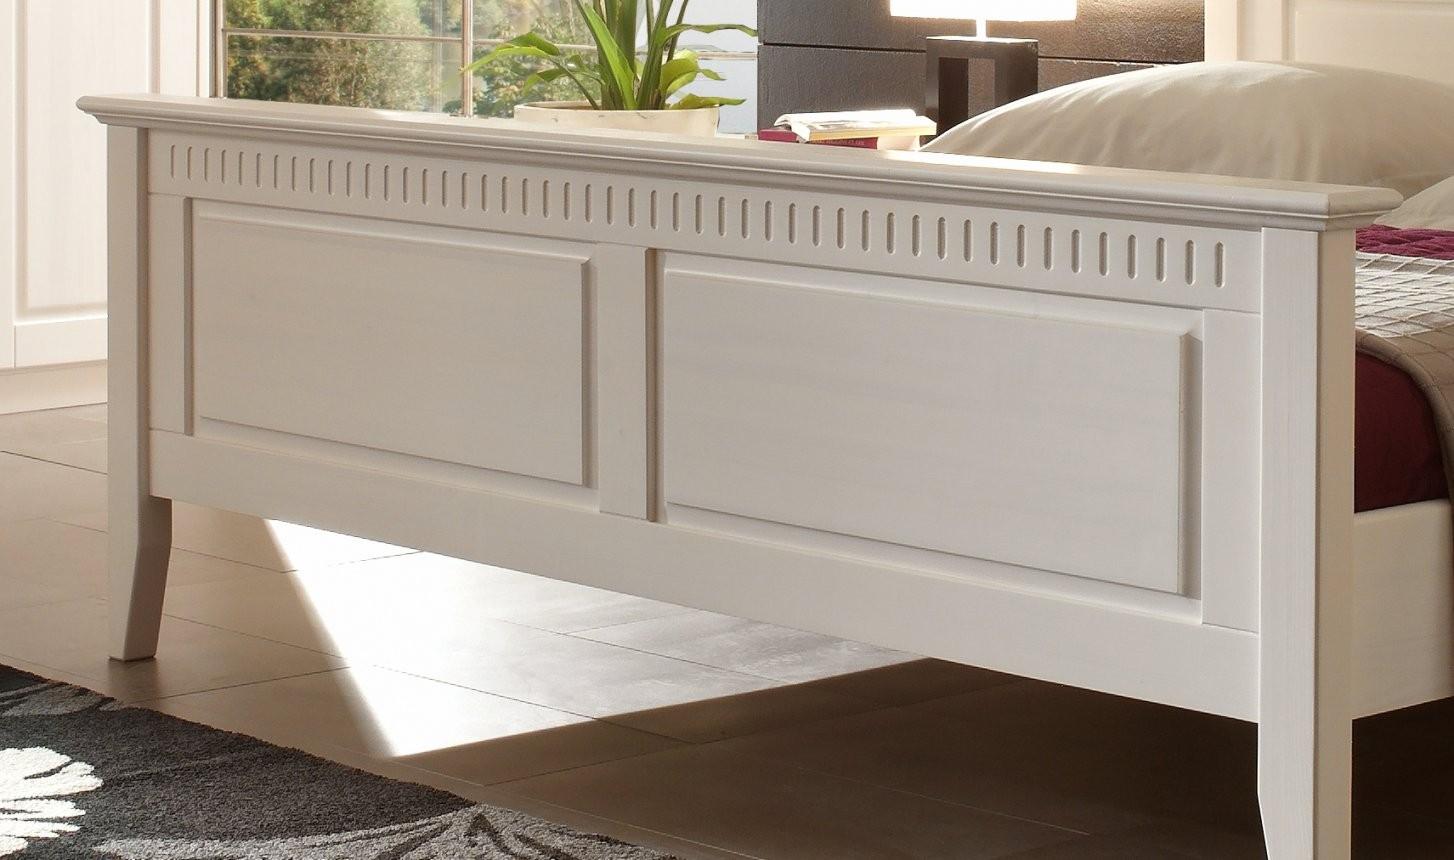 Massives Doppelbett Kiefer Weiß Im Landhausstil  Designermöbel von Bett Landhausstil Weiß 180X200 Bild